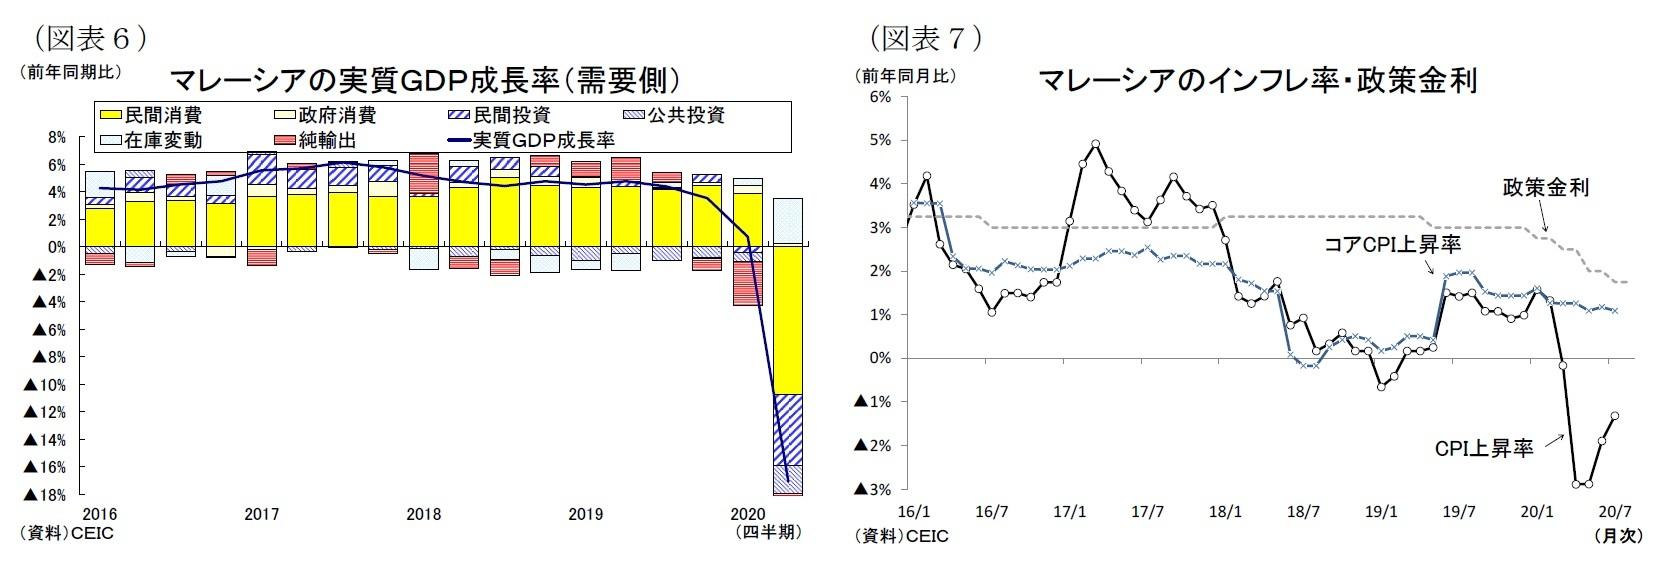 (図表6)マレーシアの実質GDP成長率(需要側)/(図表7)マレーシアのインフレ率・政策金利